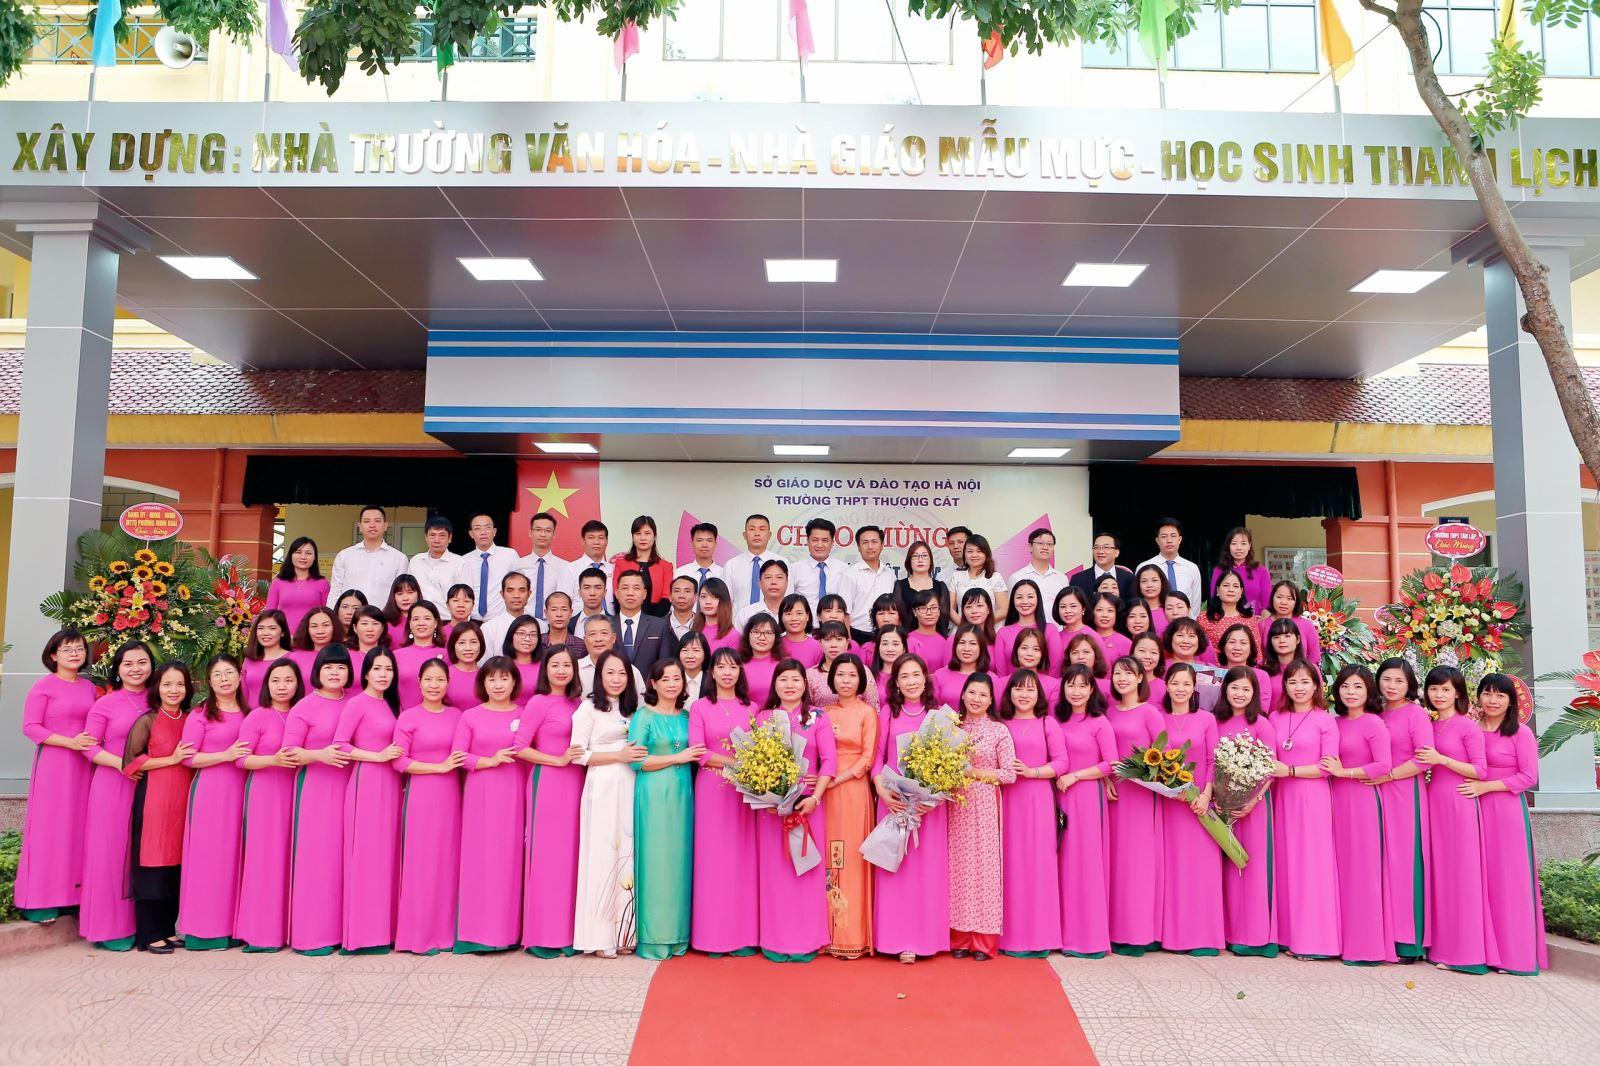 Thành tích nổi bật của Cán bộ, Giáo viên viên và học sinh trường THPT Thượng Cát